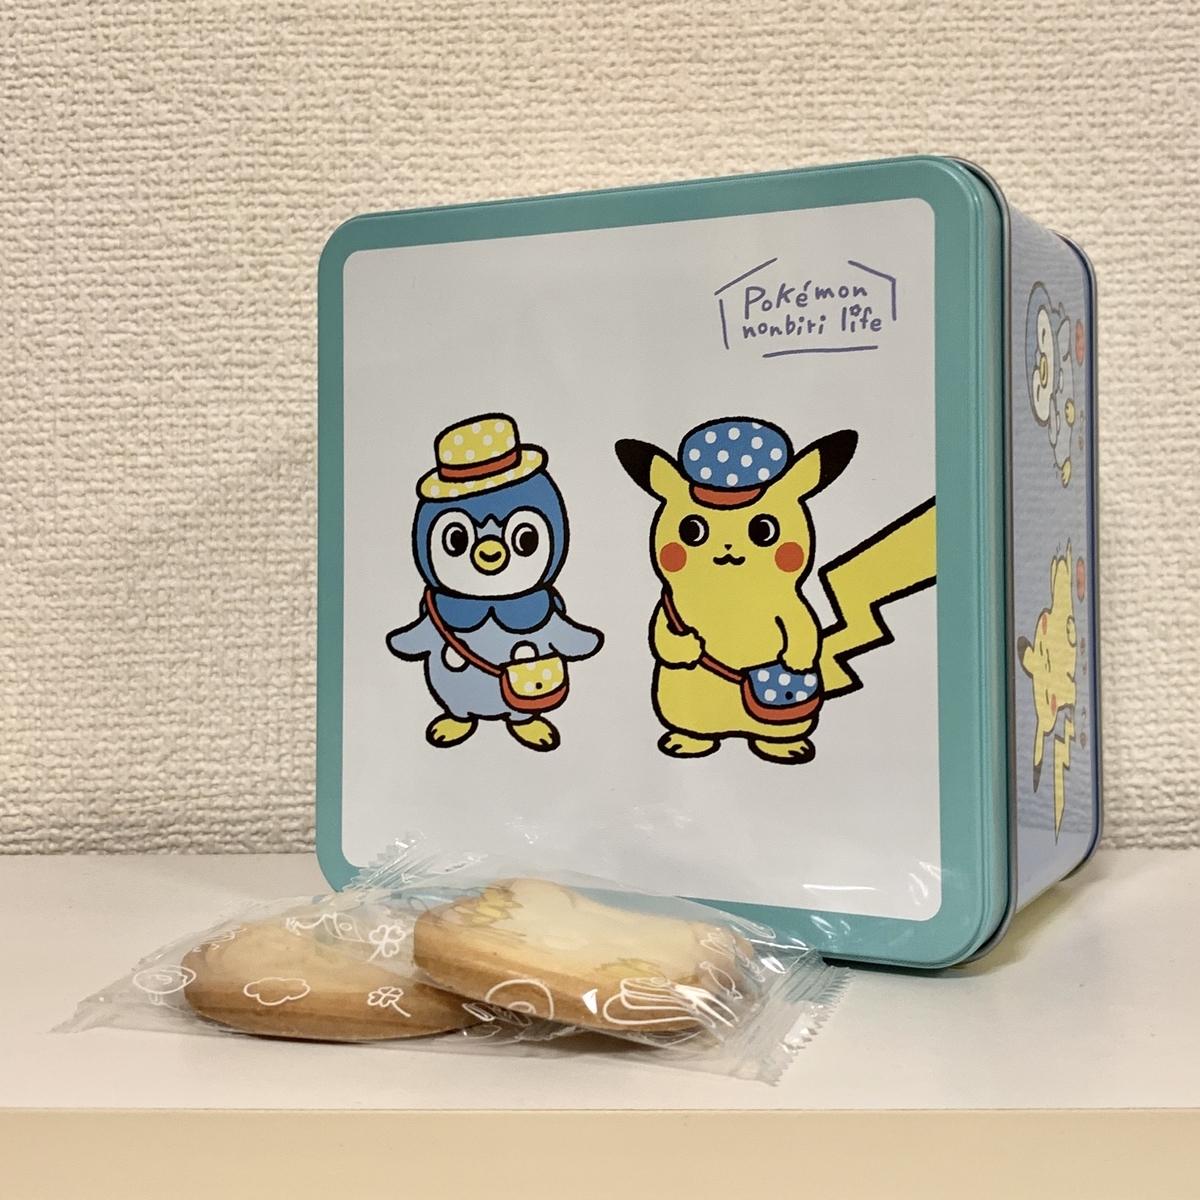 f:id:pikachu_pcn:20200212212818j:plain